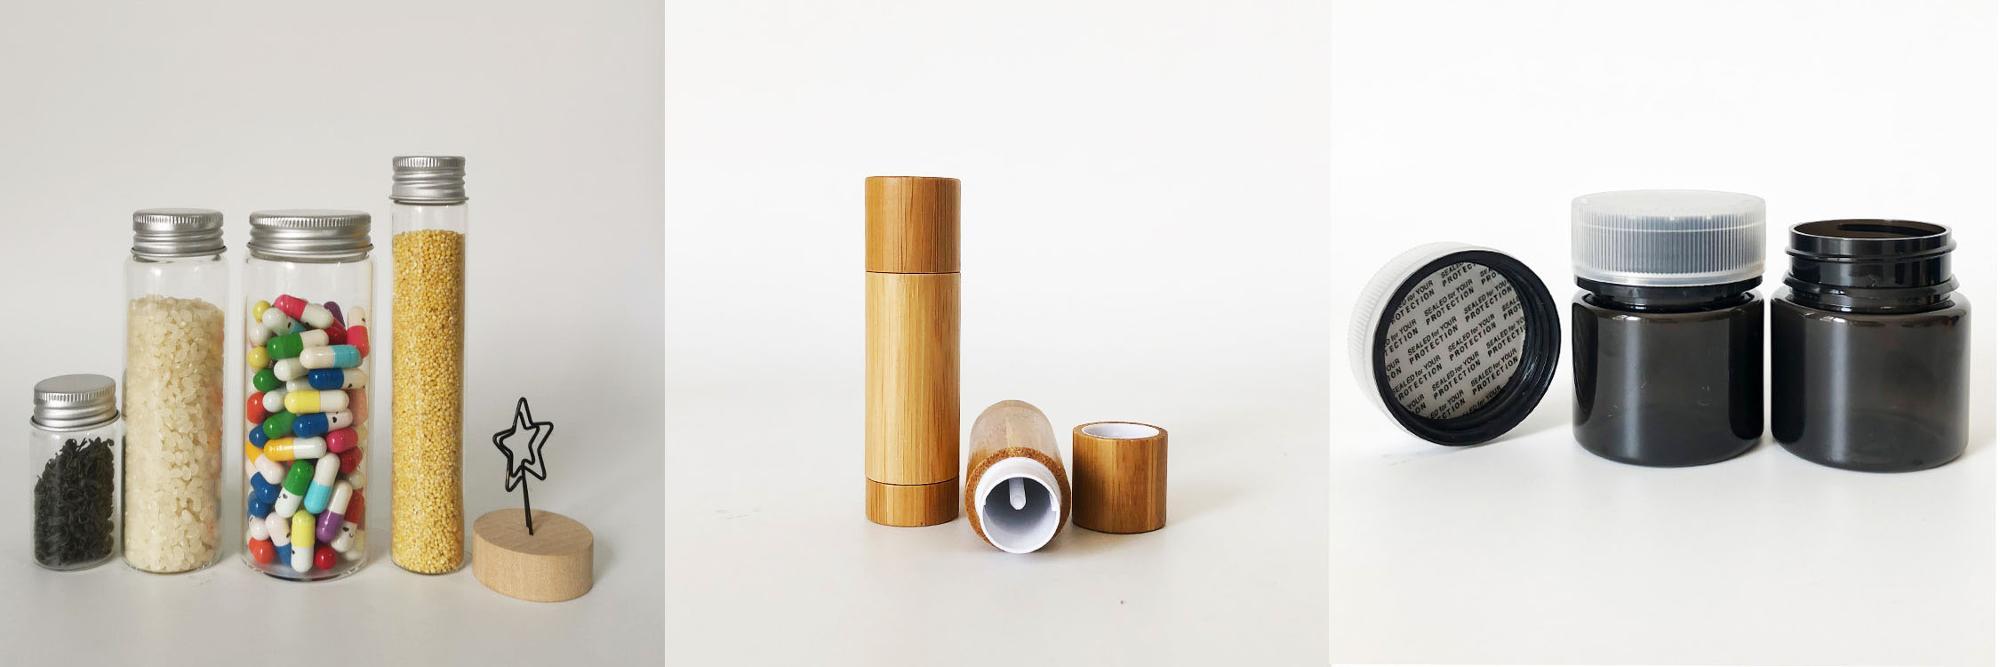 Caixa de tubo de papel de embalagem Eco friendly costume impresso embalagem de tubo de papel para o frasco de óleo essencial